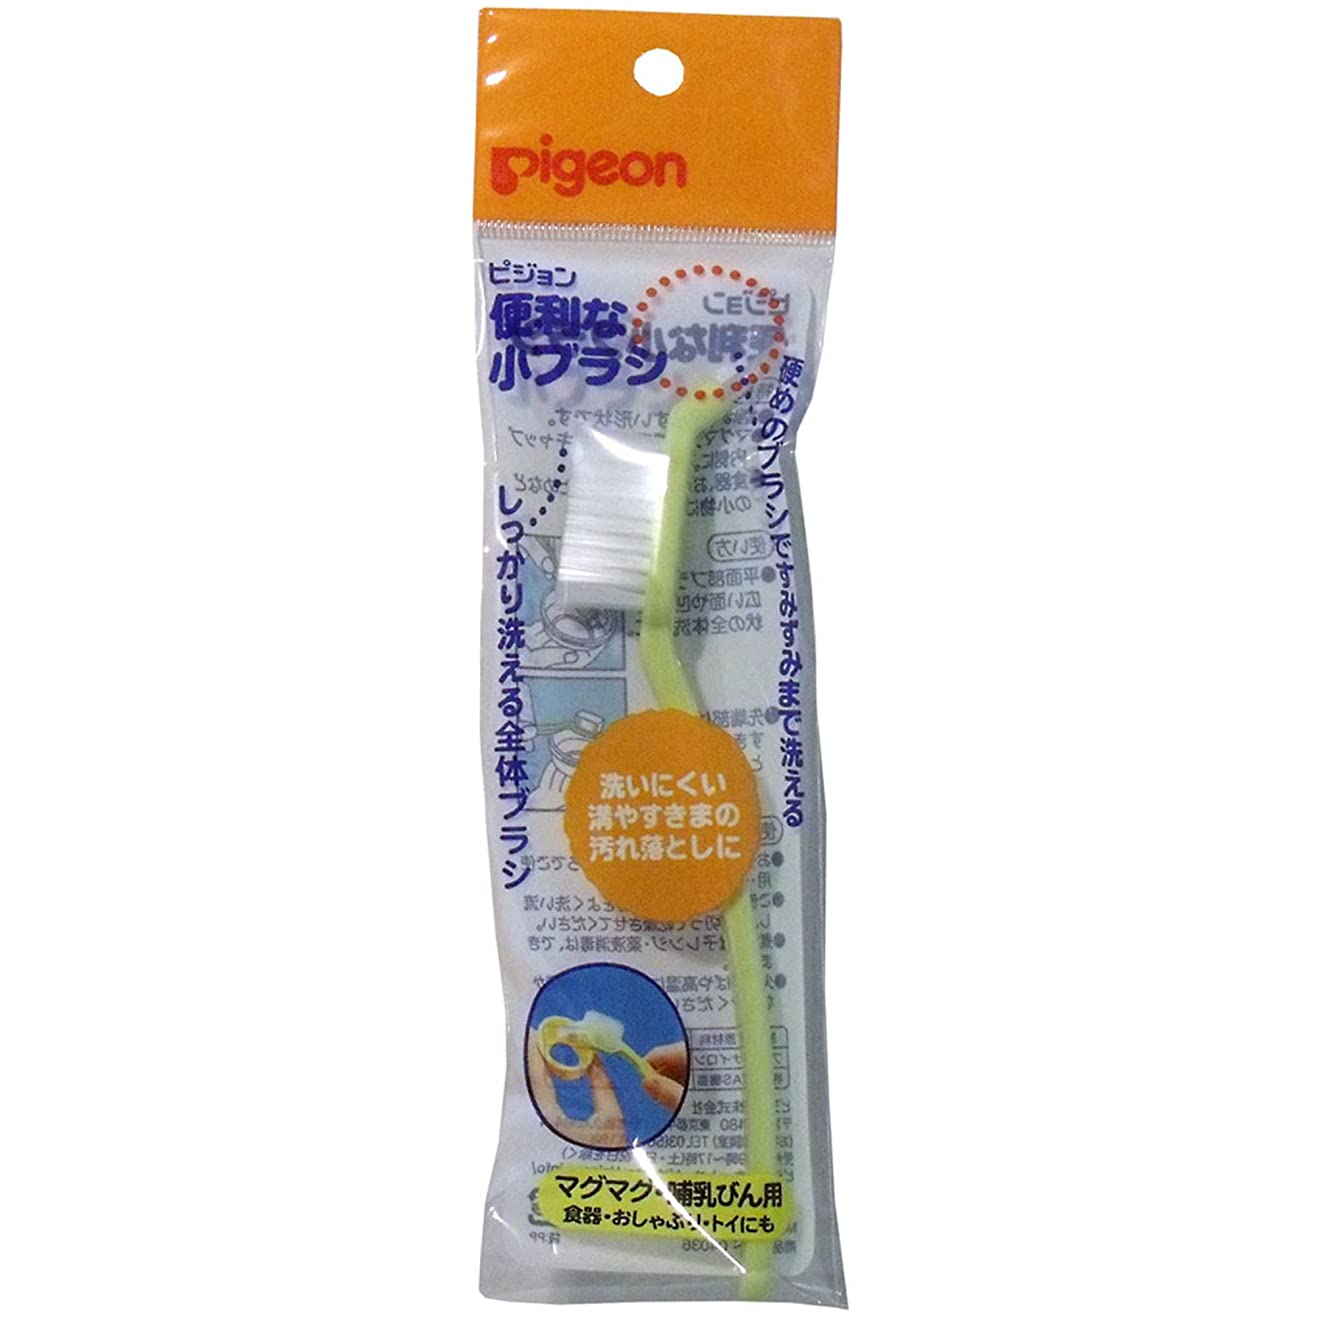 発明開業医レバーピジョン 便利な小ブラシ 15セット